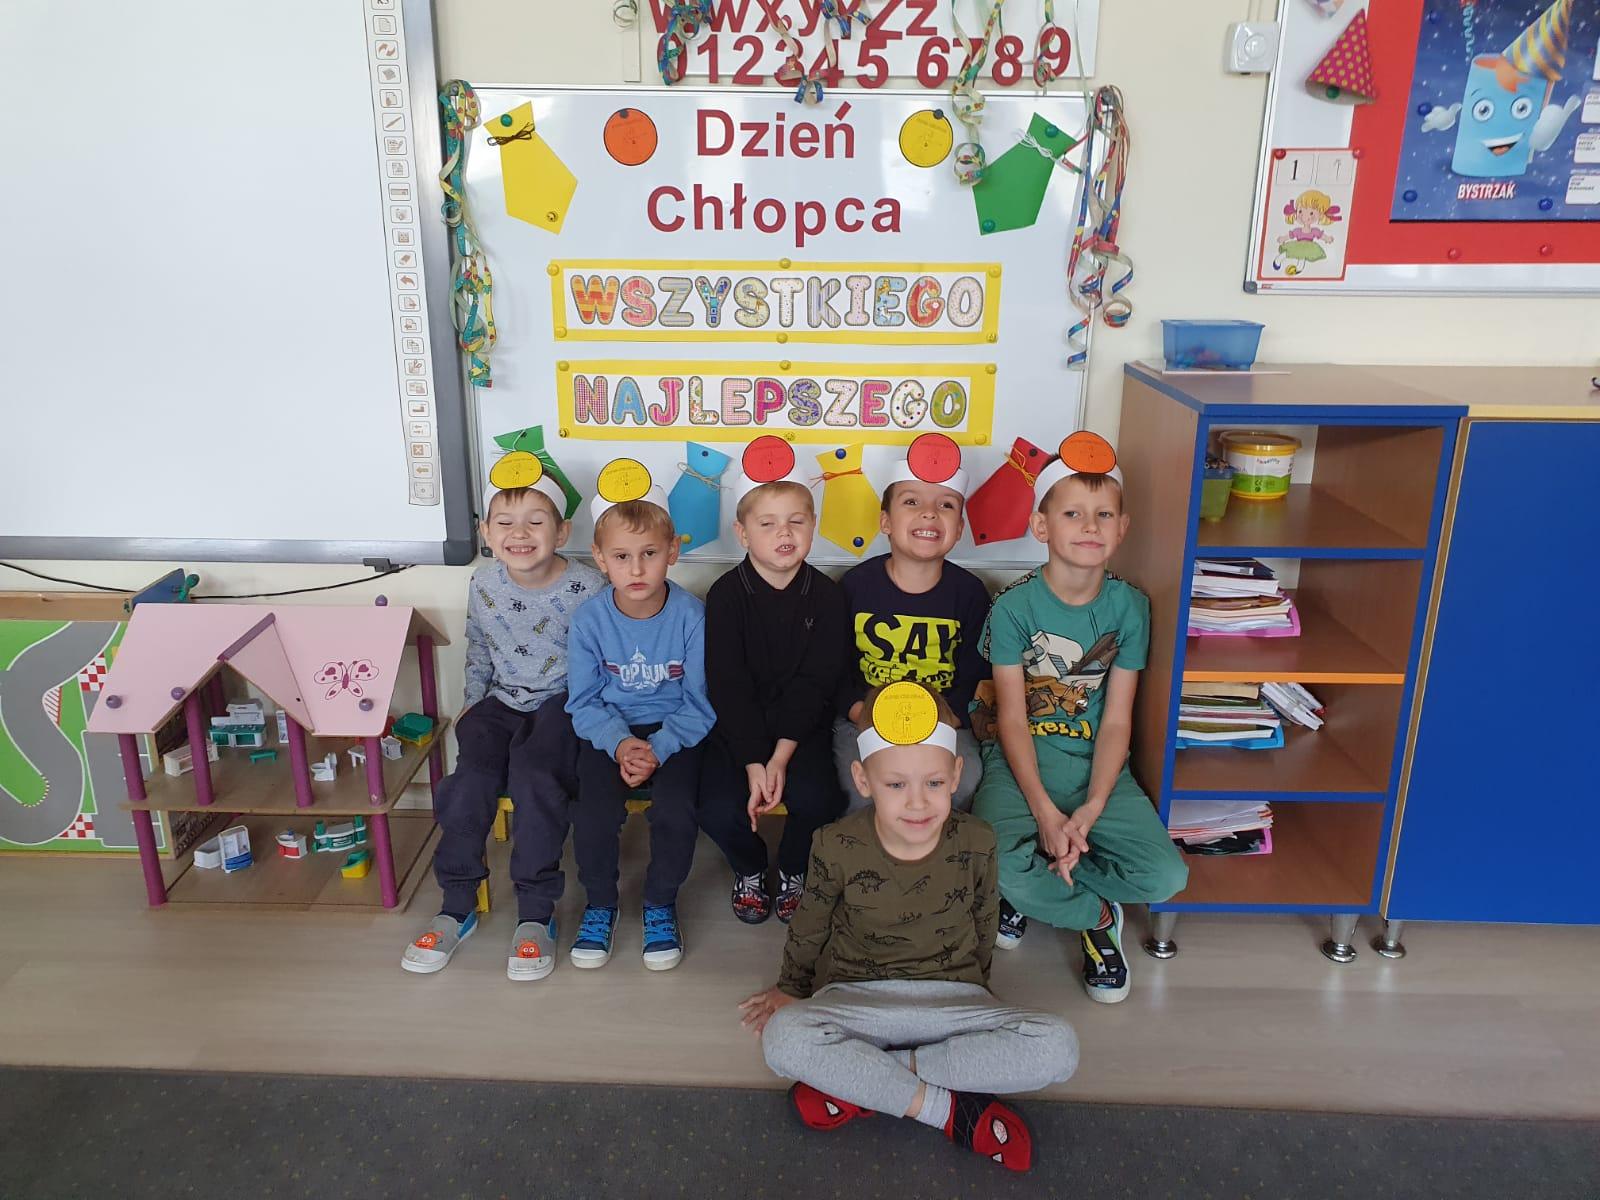 Pięcioro chłopców siedzących na ławce w sali przedszkolnej. Przed dziećmi siedzi chłopiec po turecku. Wszyscy chłopcy mają na głowach opaski.